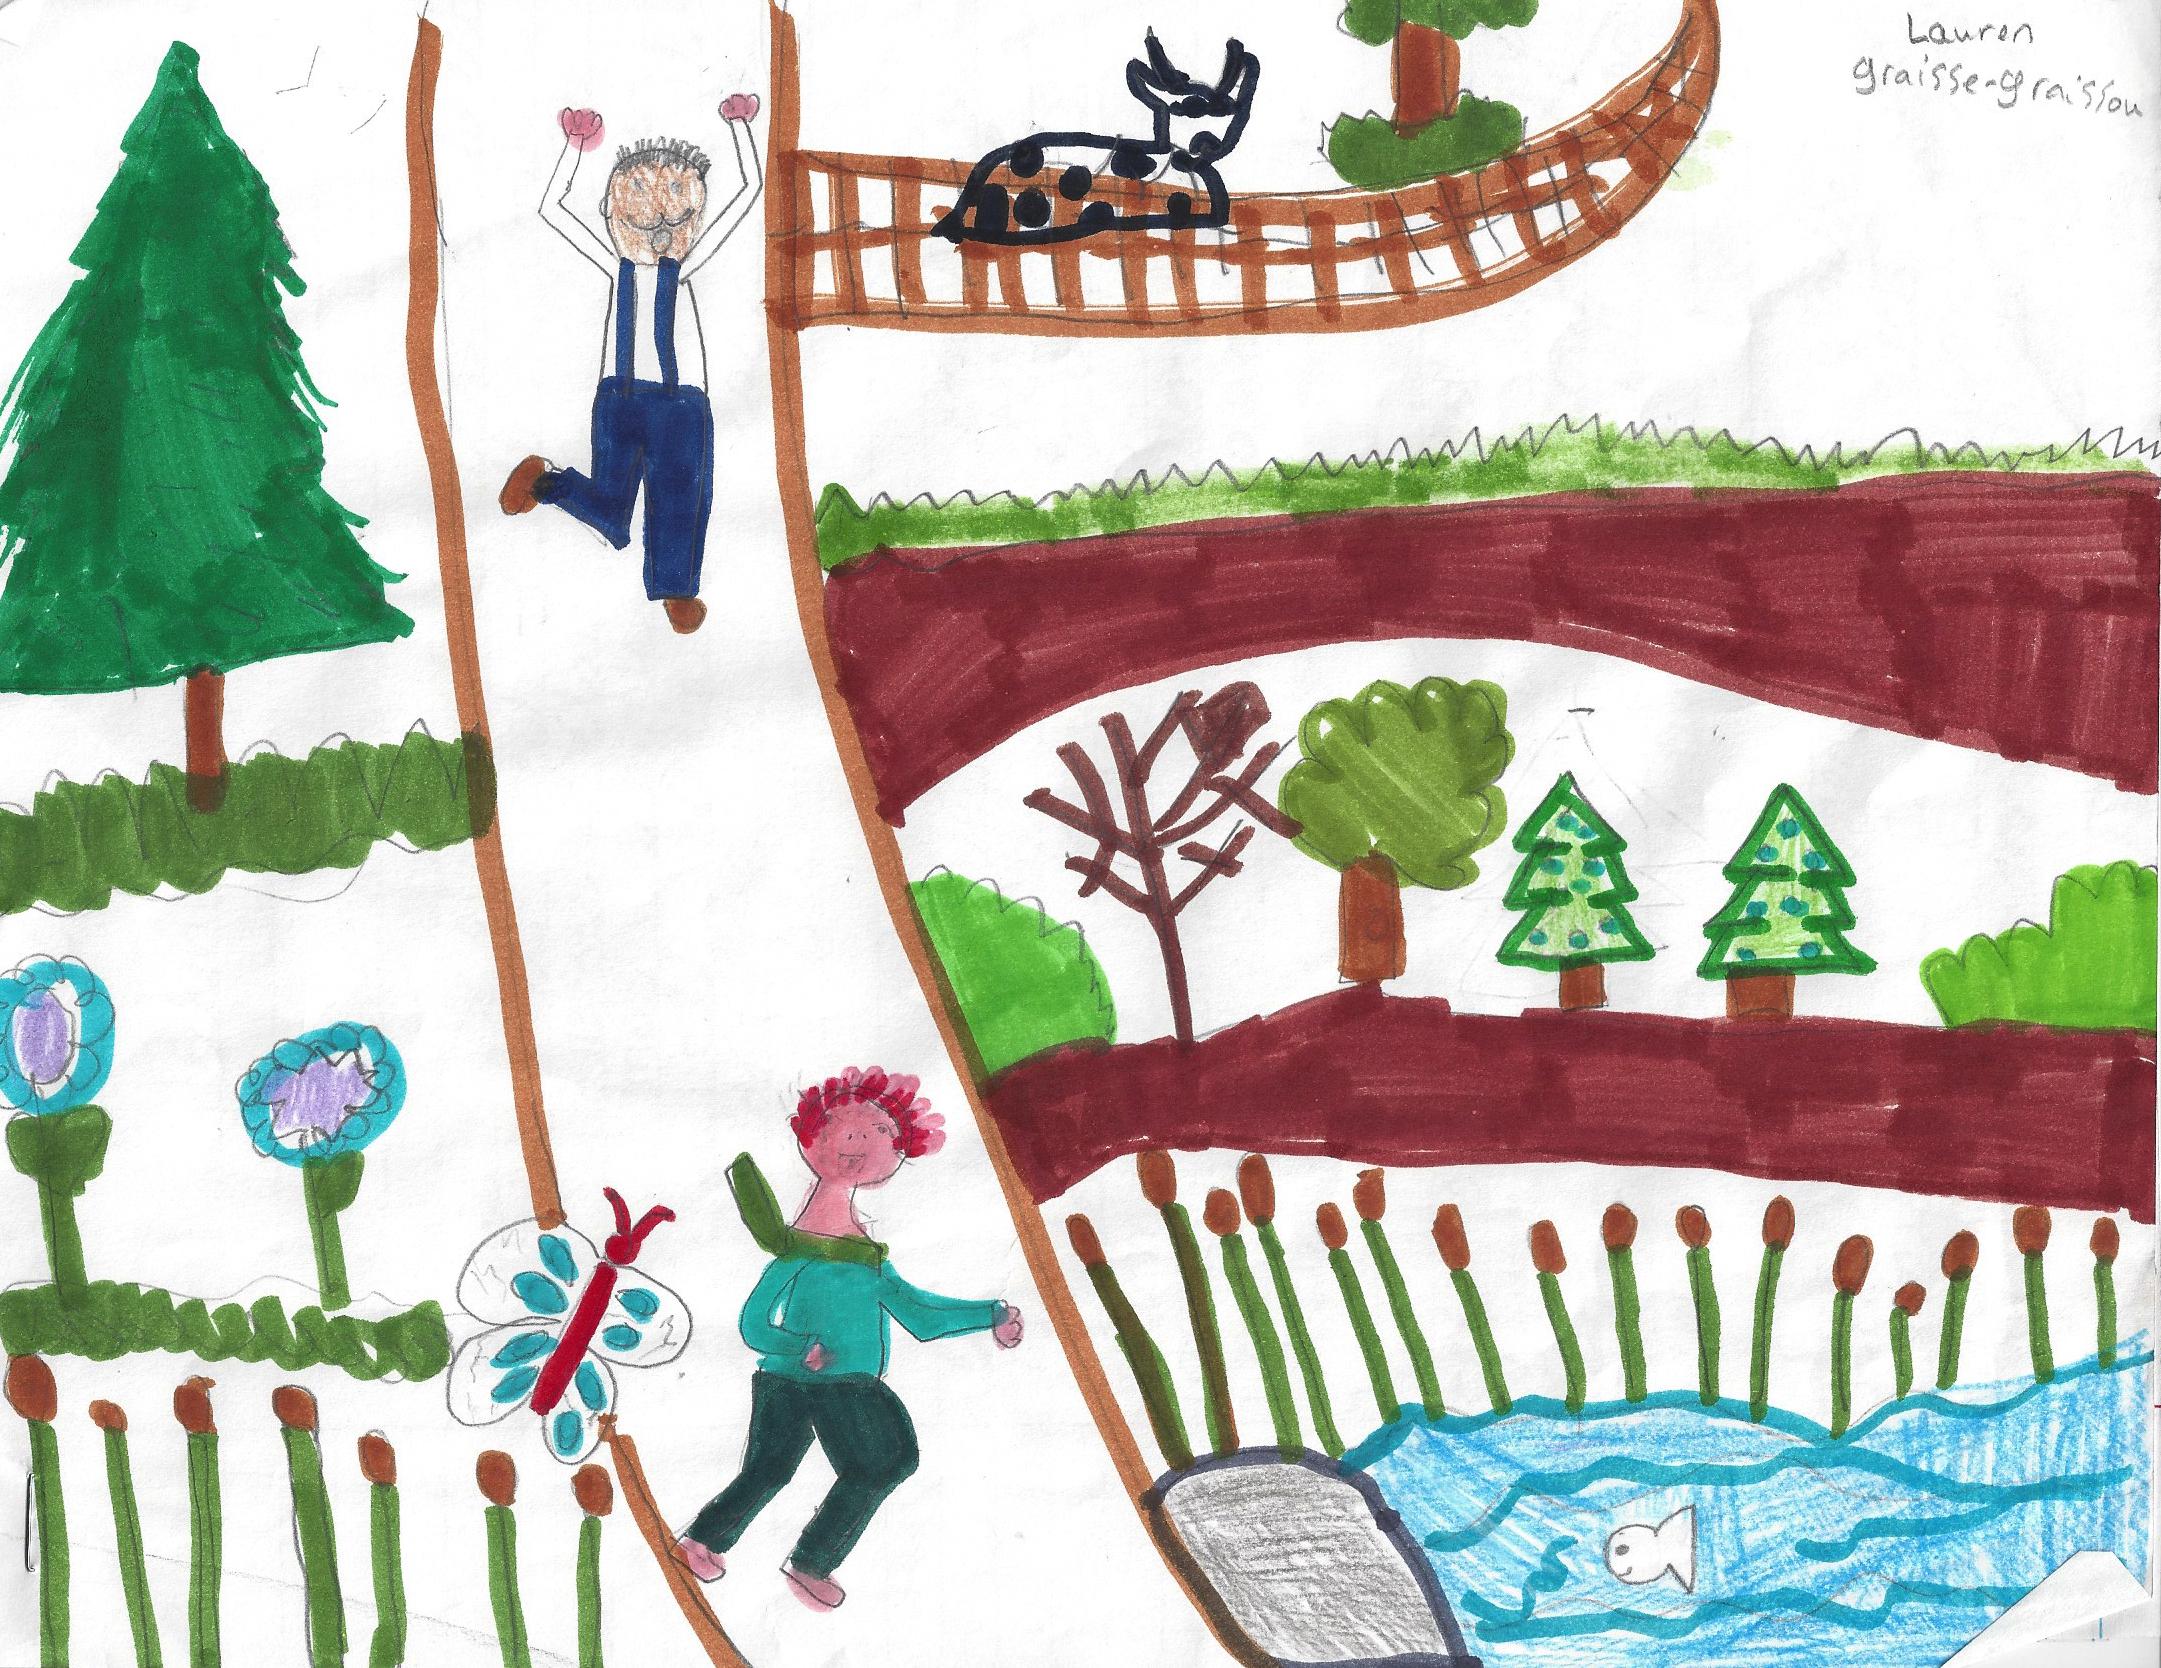 GRAISSE-GRAISSOU TOMBE DANS UN TROU, histoire de Lauren -  En se réveillant, Graisse-Graissou cherche ses parents sur la ferme, mais il trombe dans un trou...